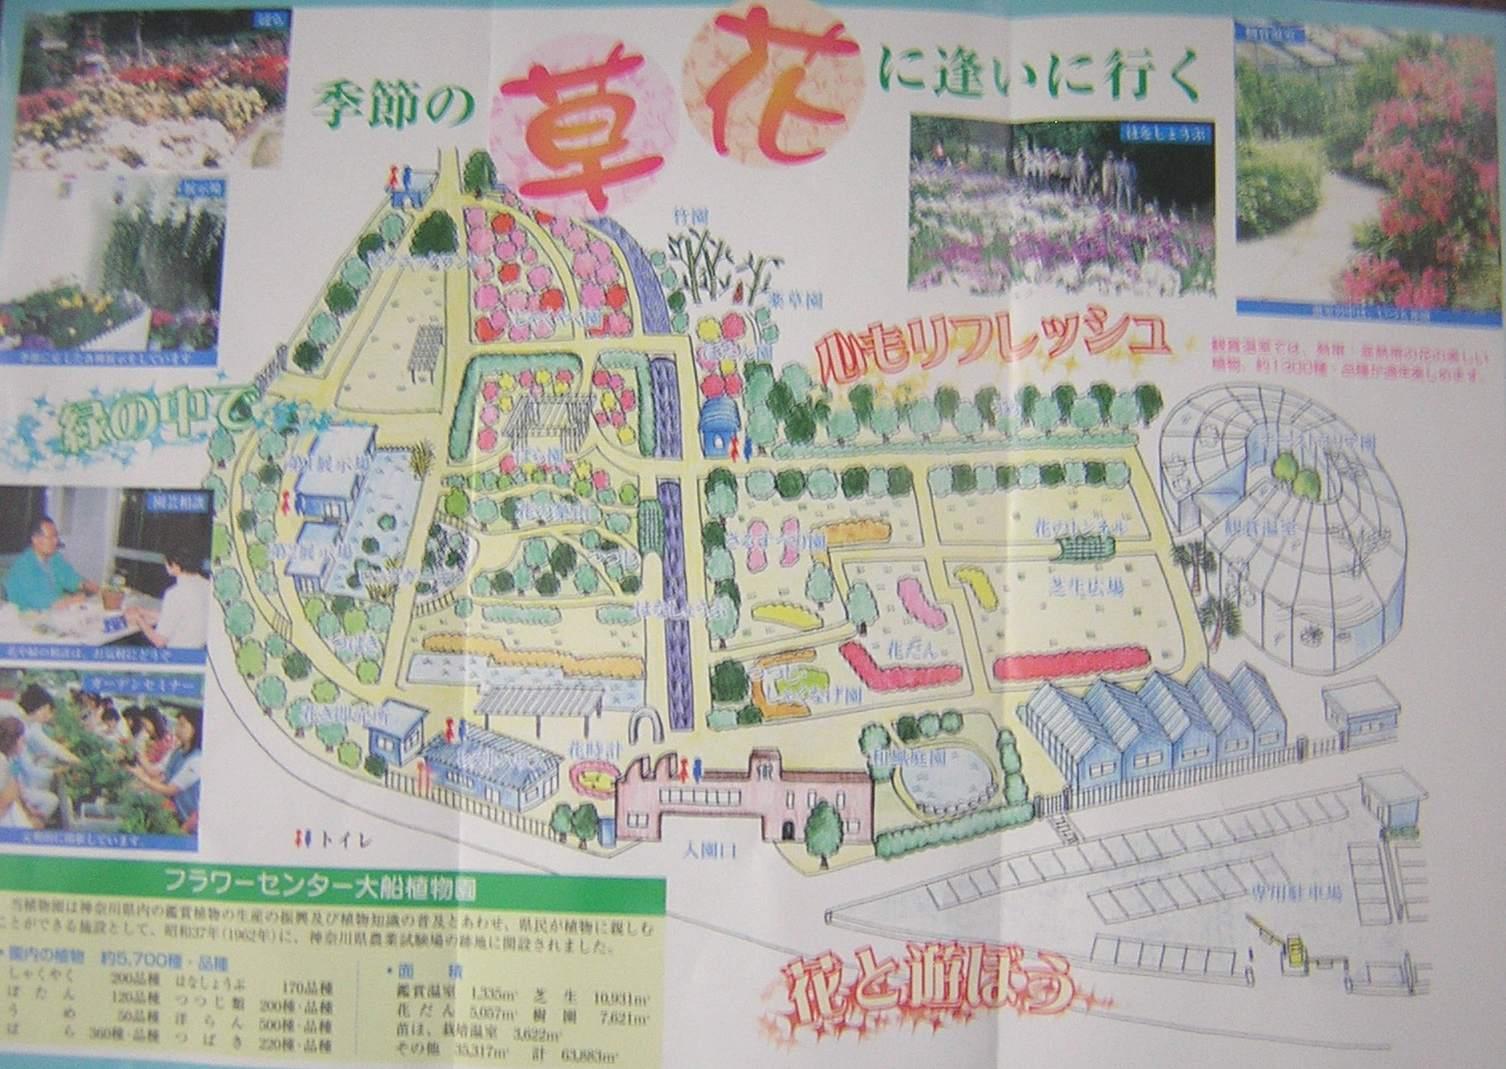 大船フラワーセンターの案内図